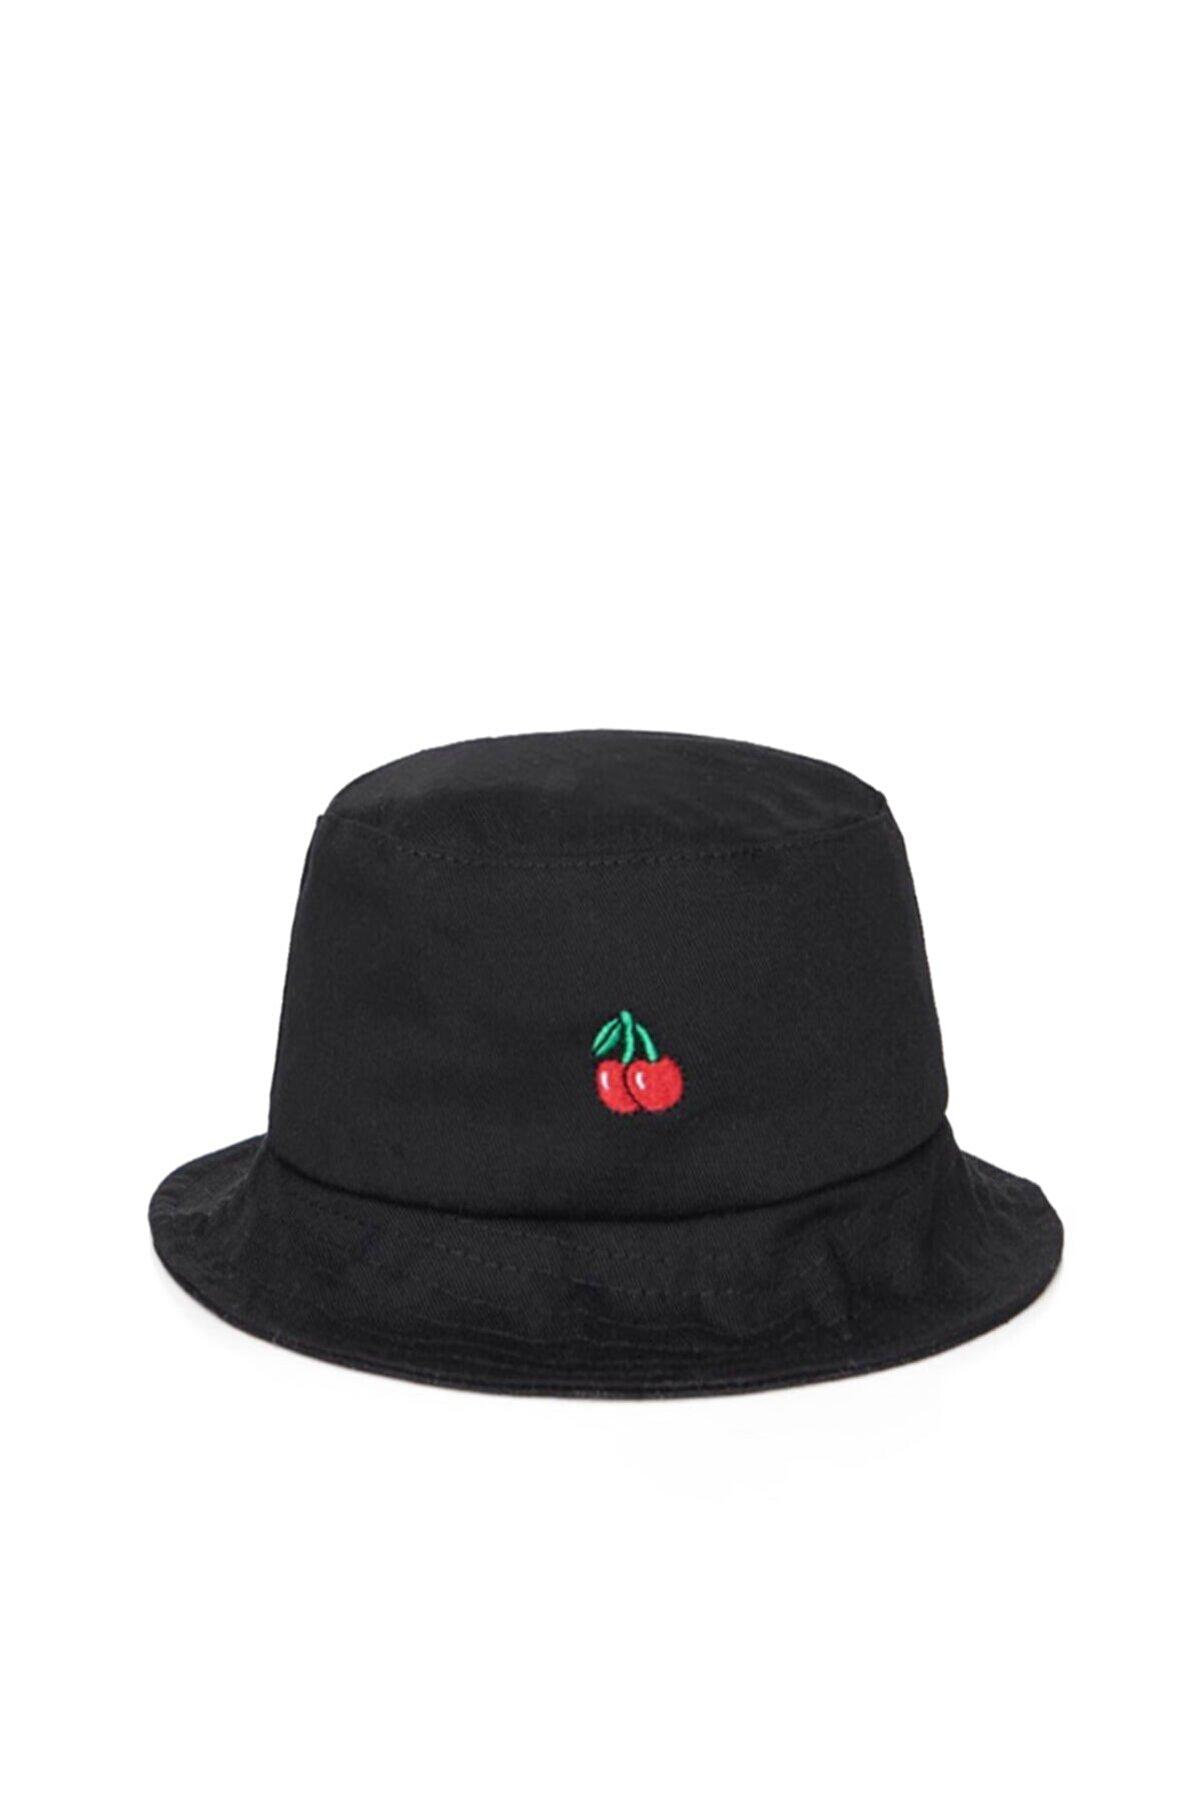 Güce Kırmızı Kiraz Işlemeli Siyah Bucket Balıkçı Şapkası Gc0139kiraz